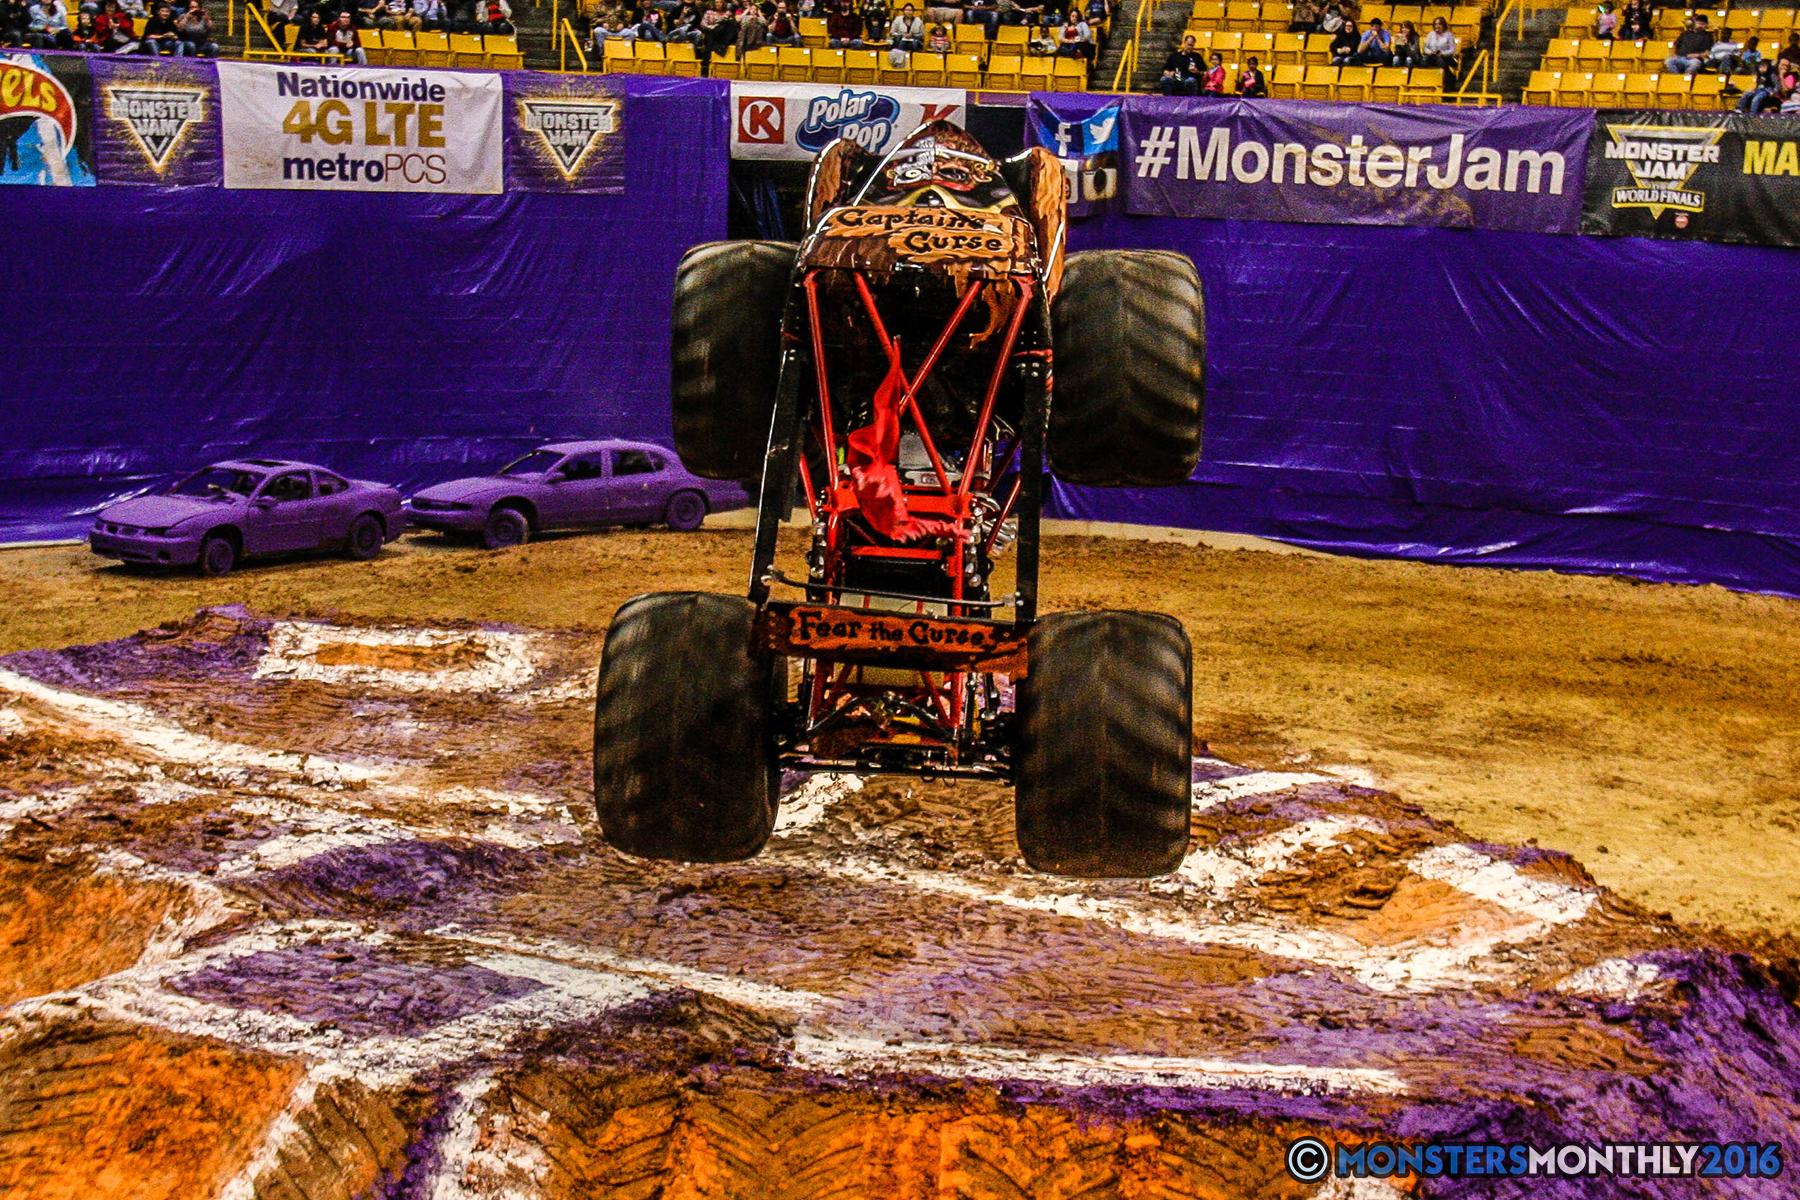 27-monster-jam-utc-mckenzie-arena-chattanooga-tennessee-monstersmonthly-monster-truck-race-gravedigger-monstermutt-xtermigator-razin-kane-doomsday-captainscurse-2016.jpg